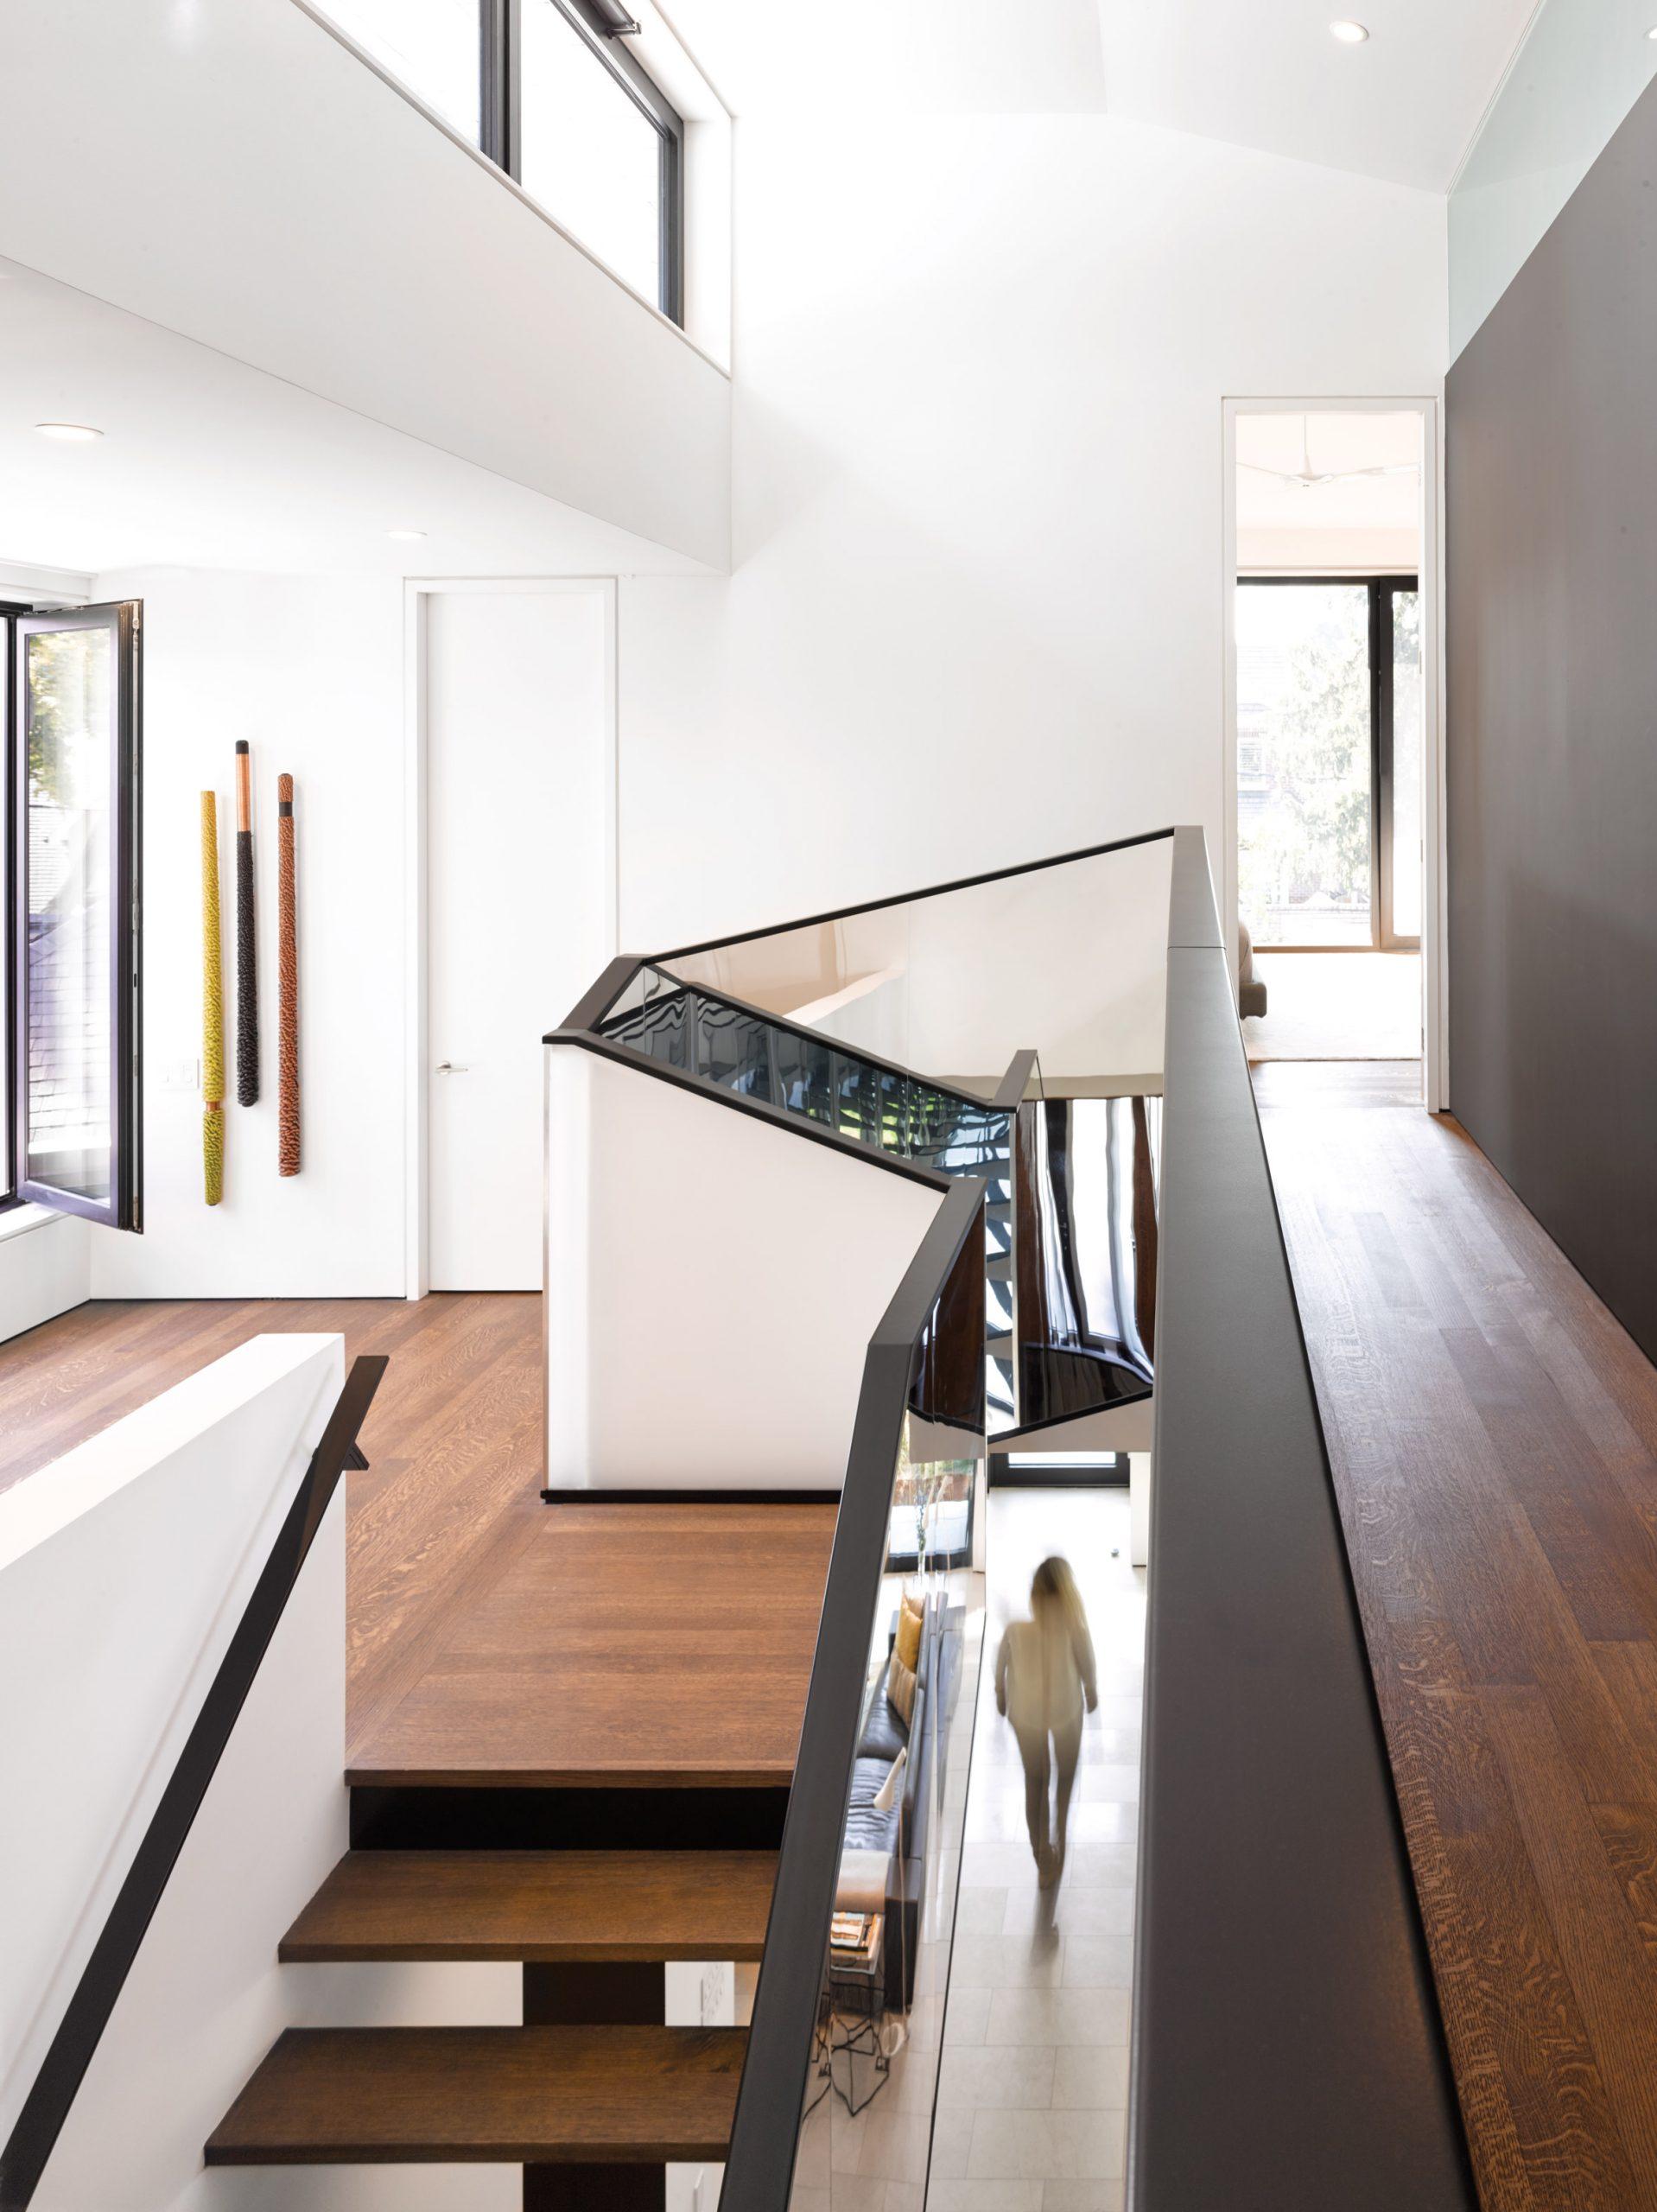 Trang trí cầu thang phòng khách đẹp 2